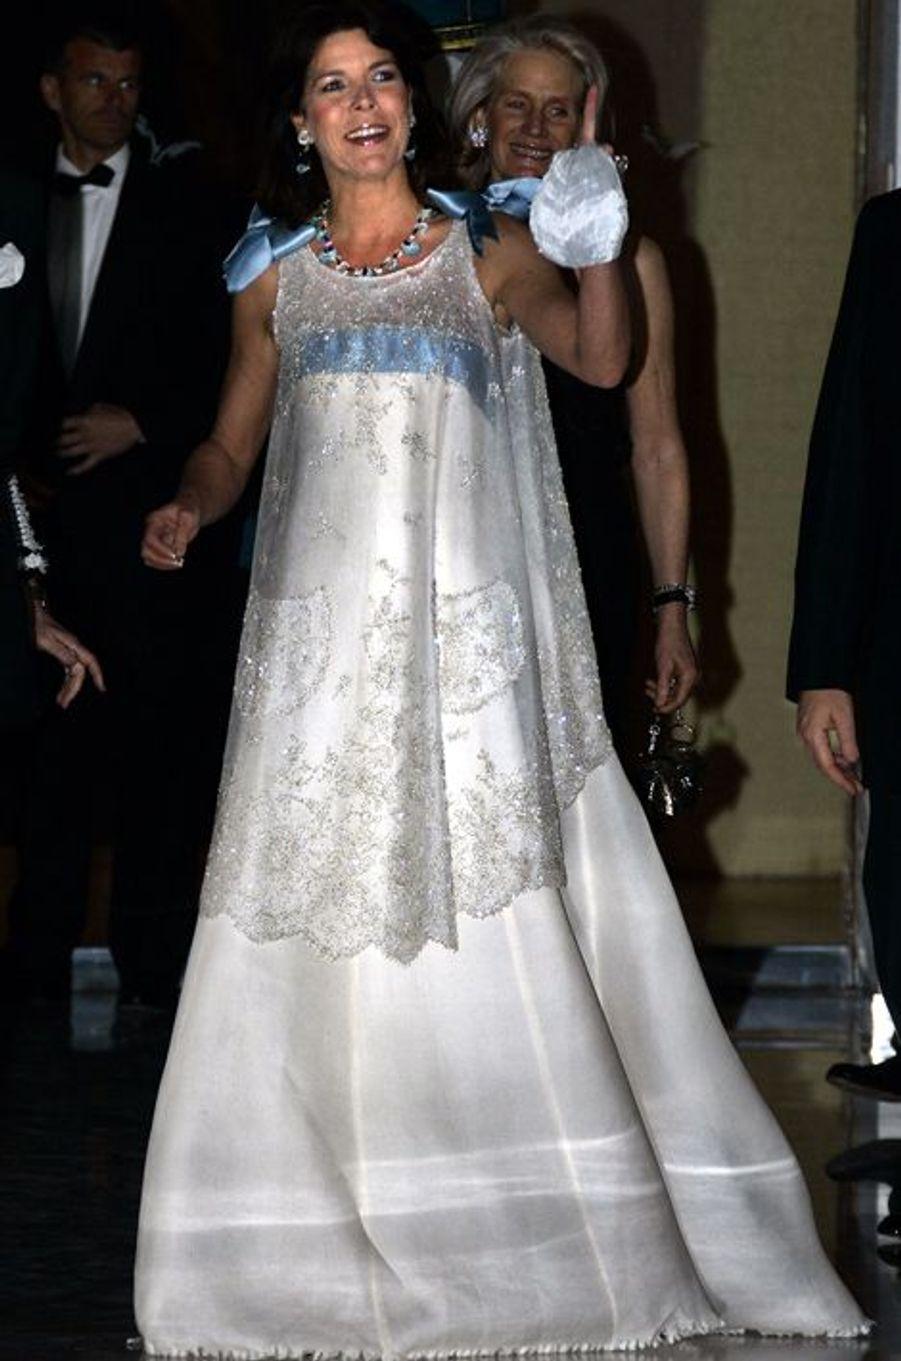 La princesse Caroline de Monaco au bal de la Rose 2005